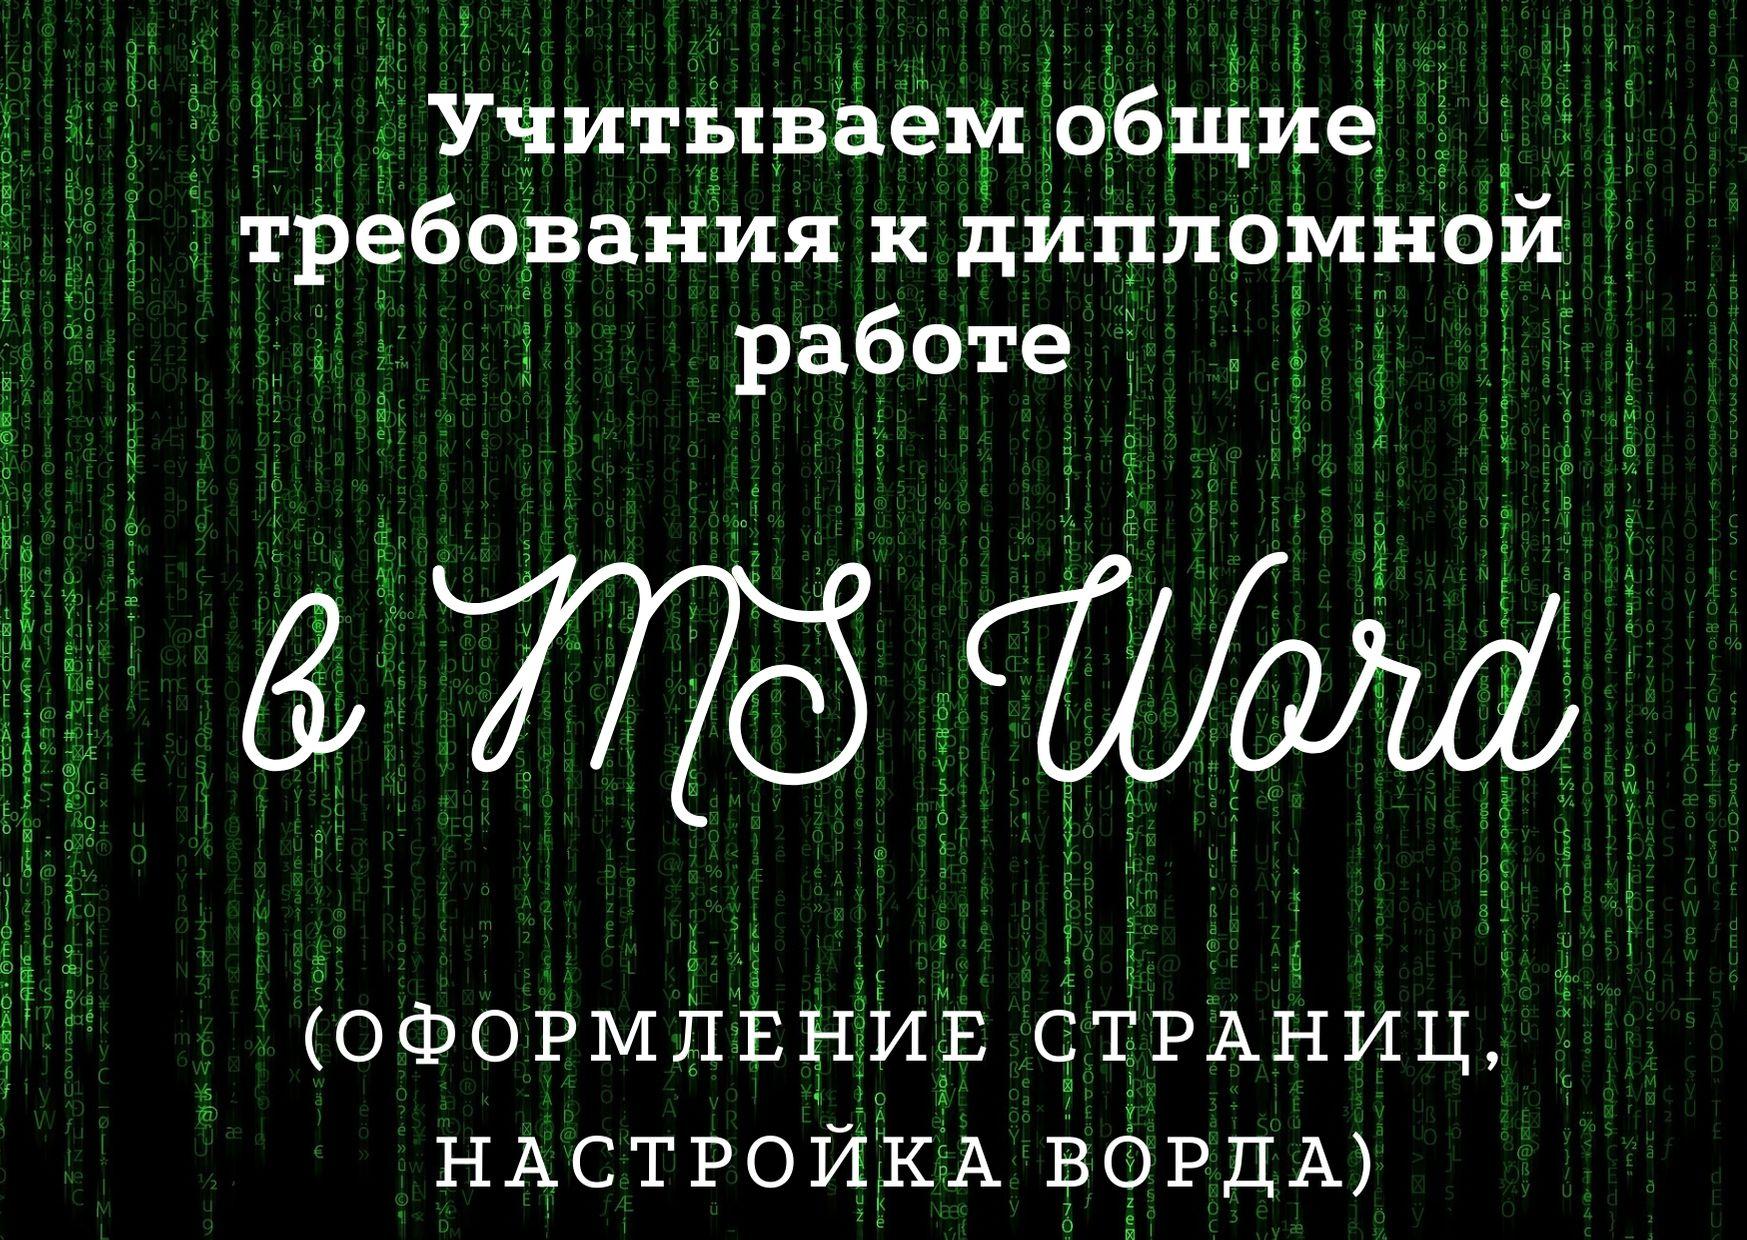 Учитываем общие требования к дипломной работе в MS Word (оформление страниц, настройка ворда)